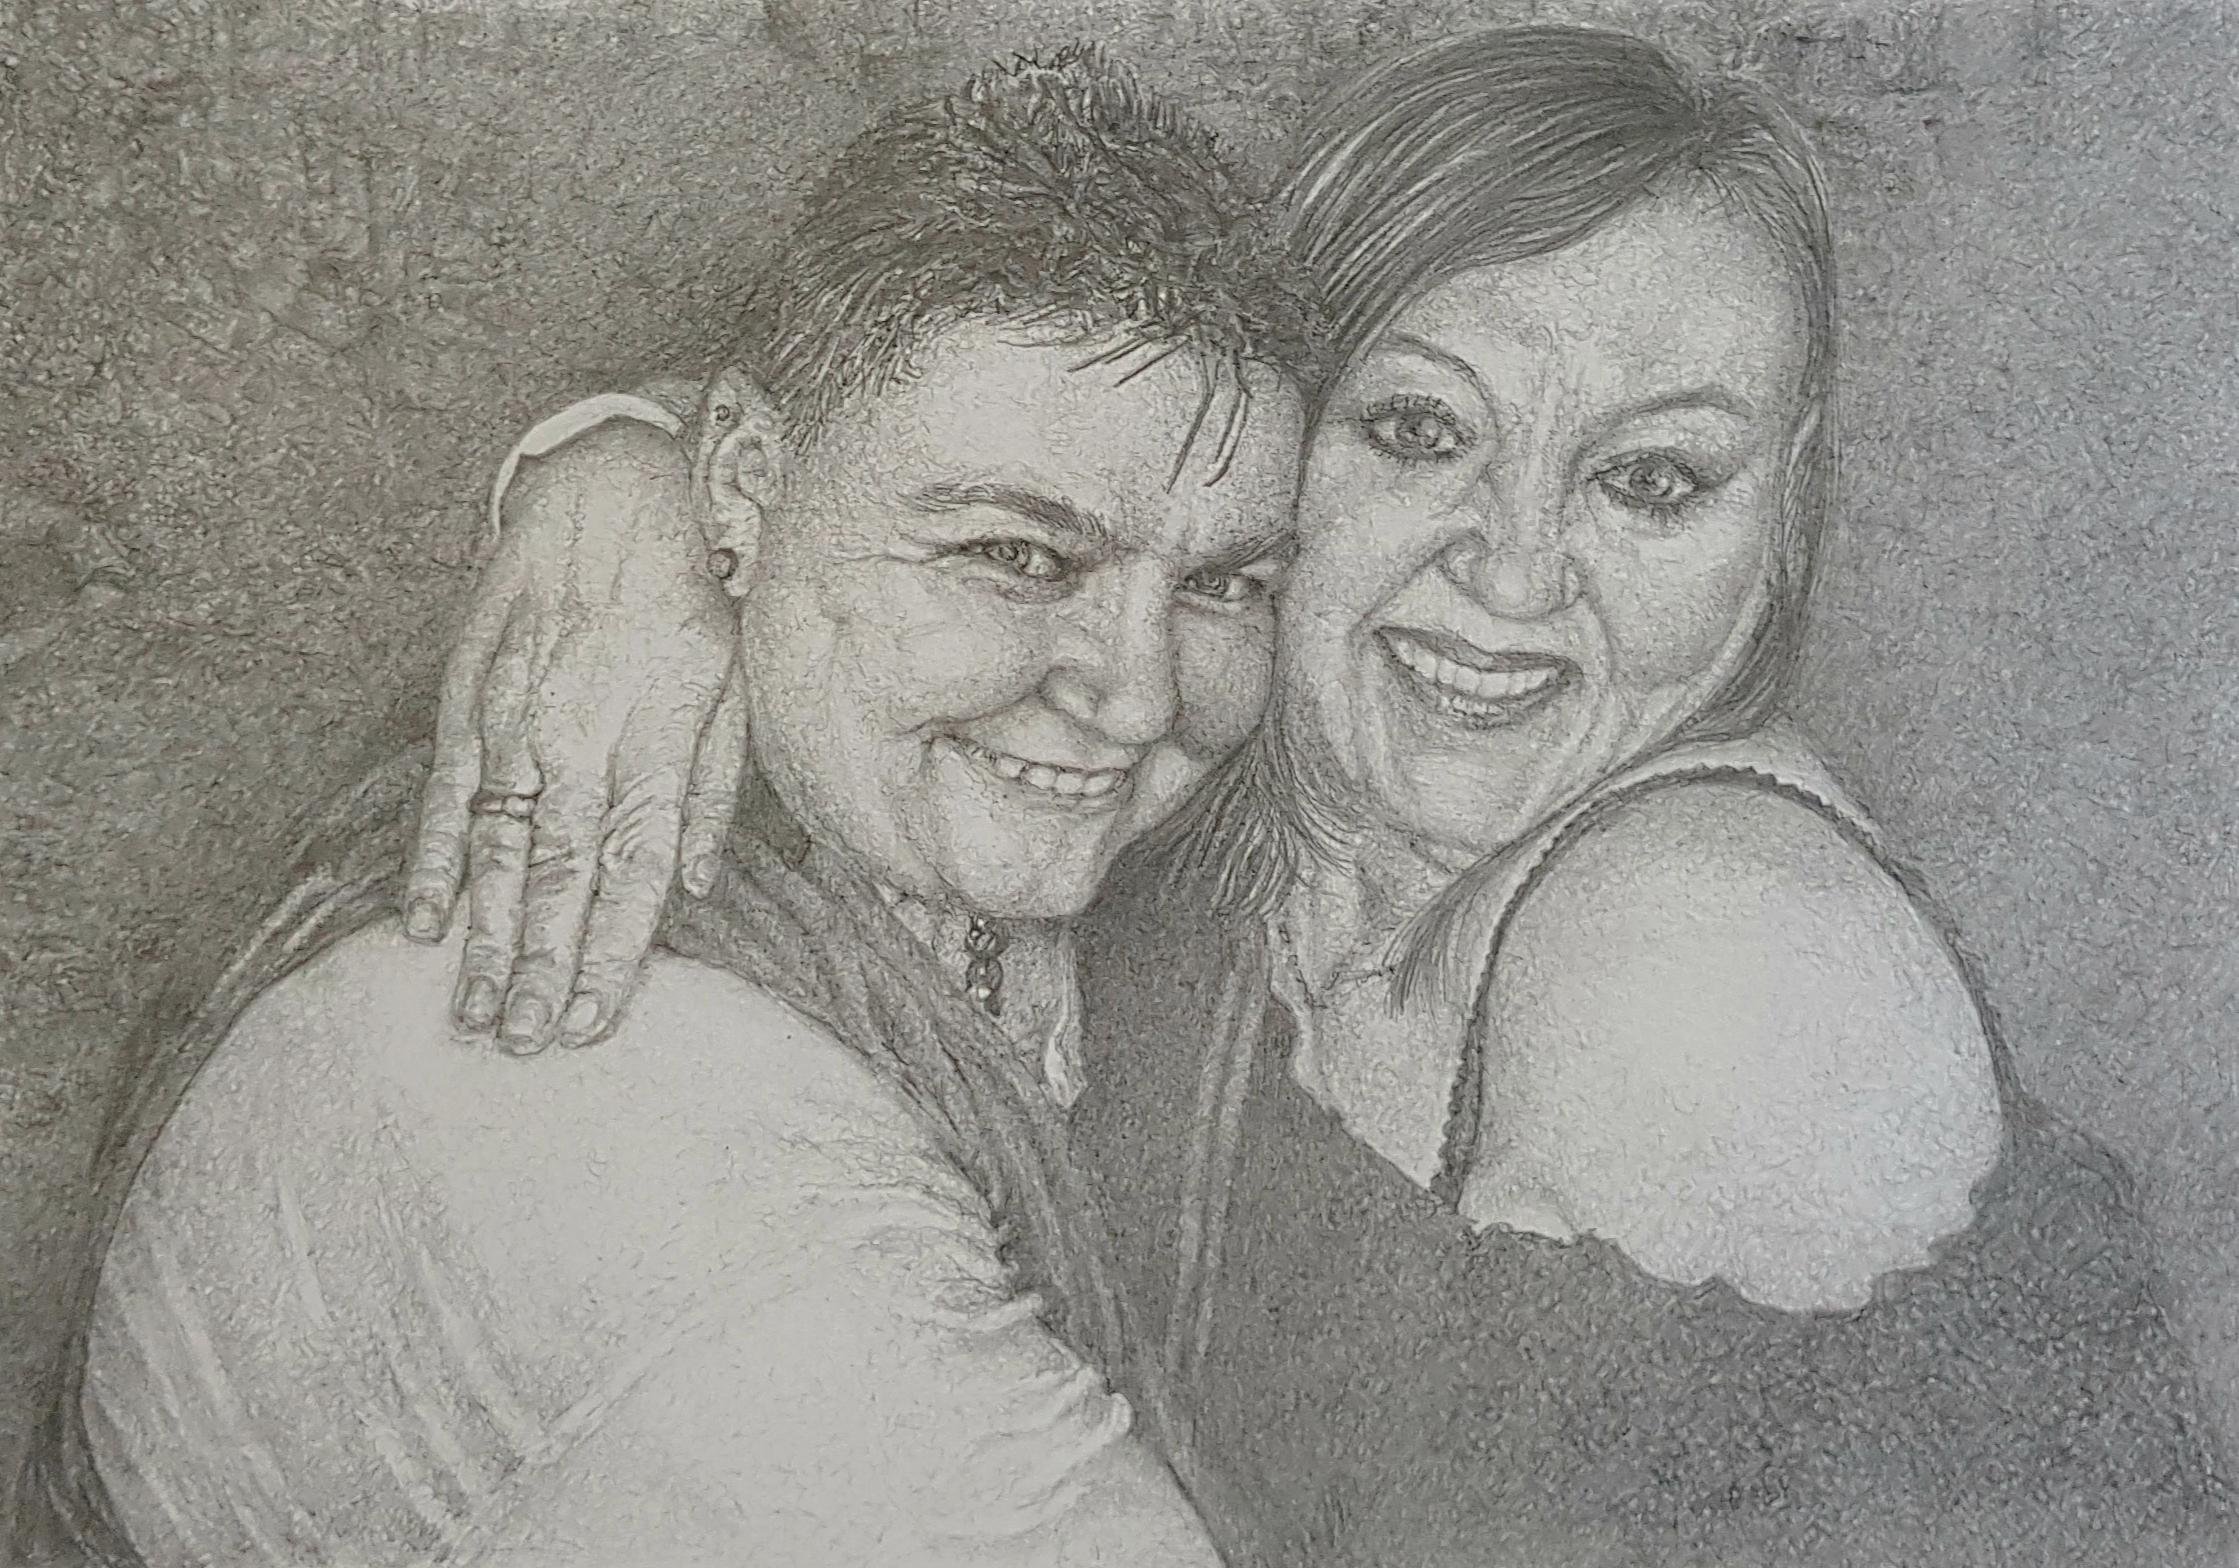 Tara and Karen